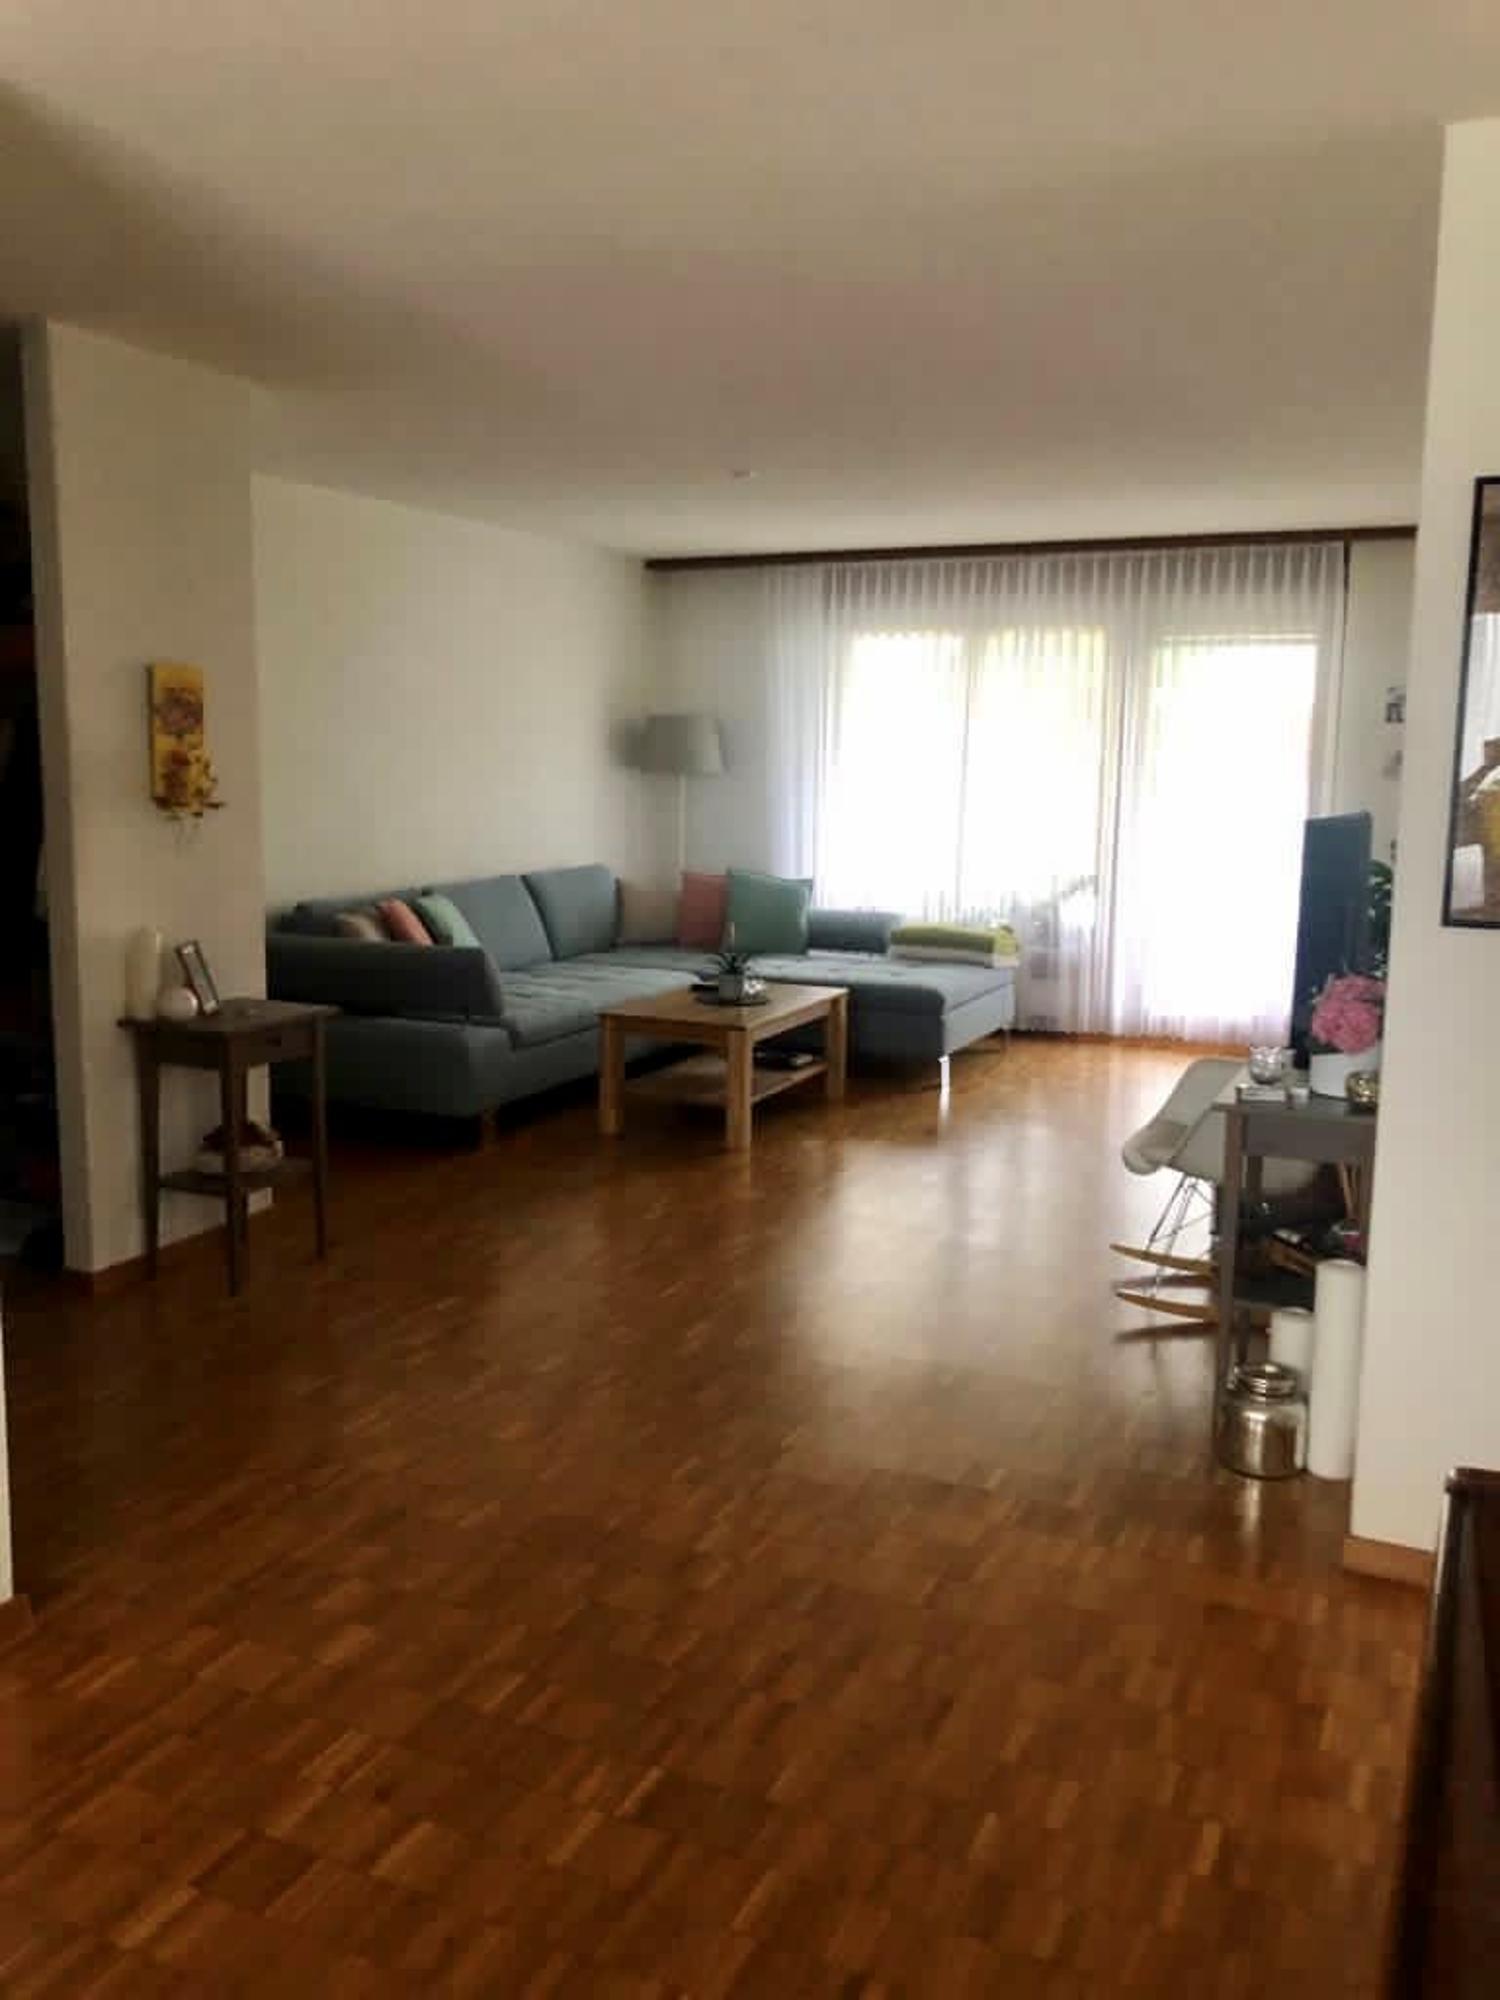 Geräumige Wohnung in gepflegtem Mehrfamilienhaus